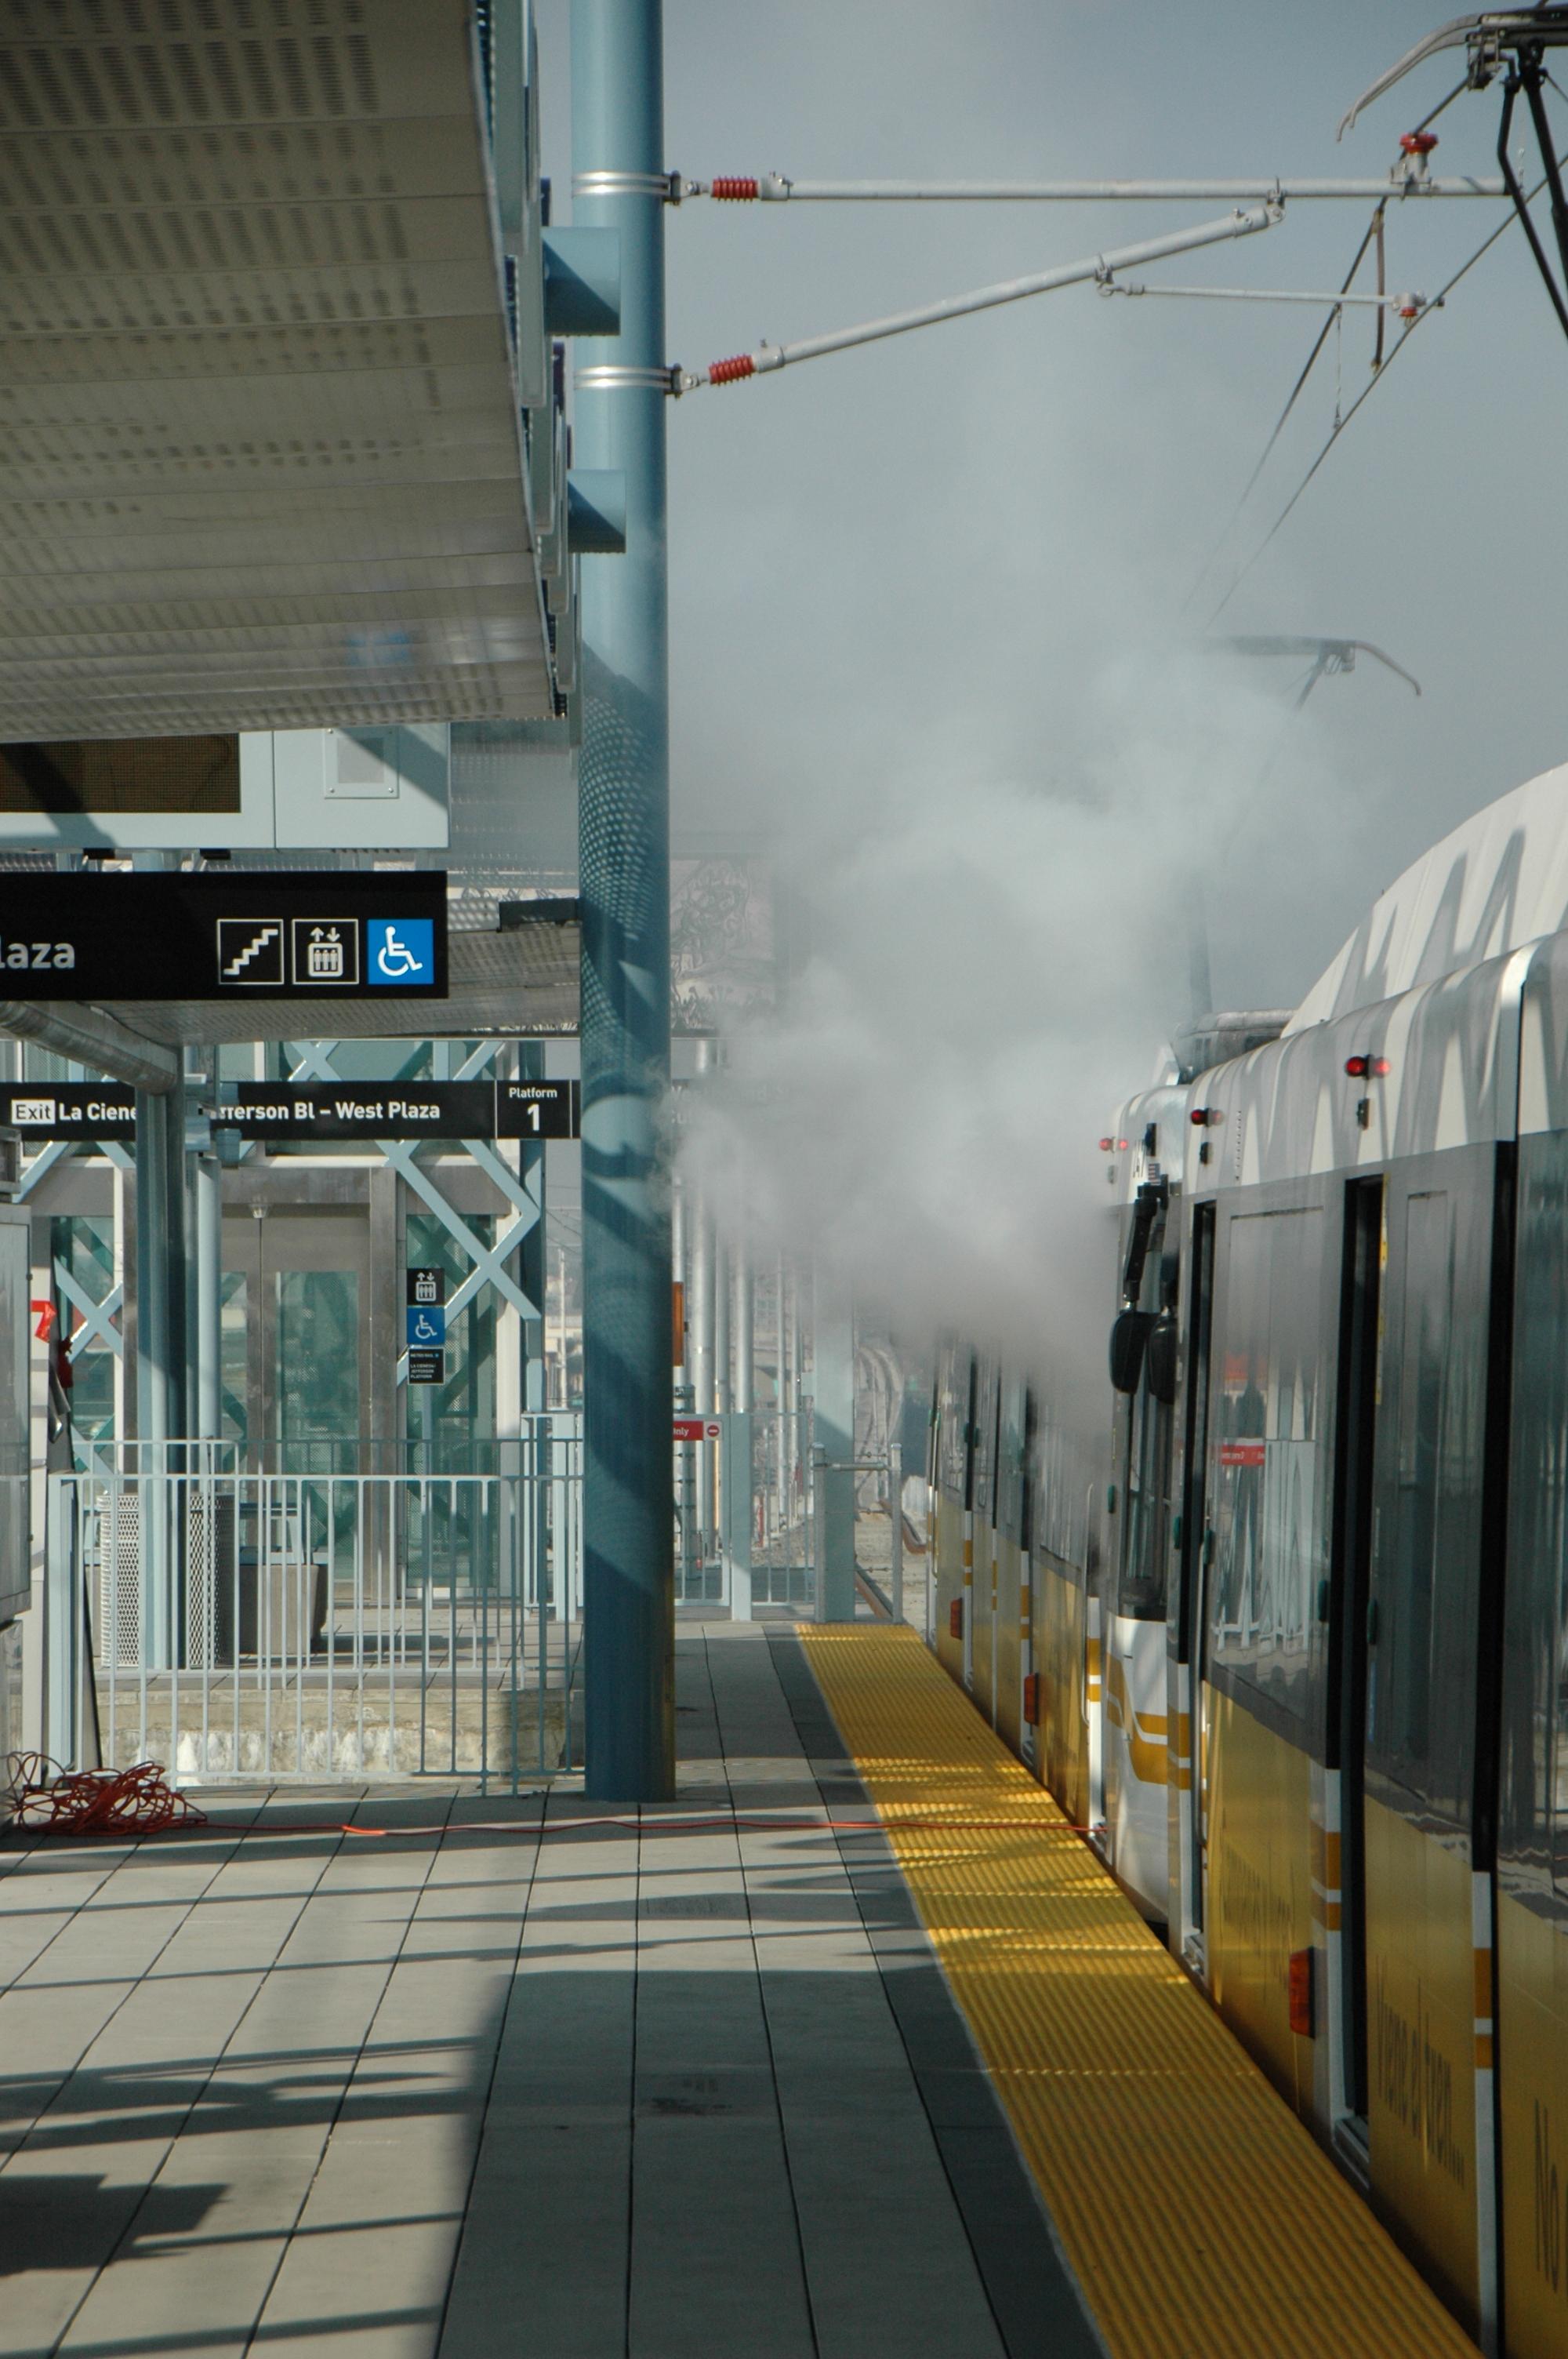 """Otra mirada al humo provocado por una """"coctel molotov"""" en el interior de uno de los vagones del tren ligero. (Foto José Ubaldo/El Pasajero)."""